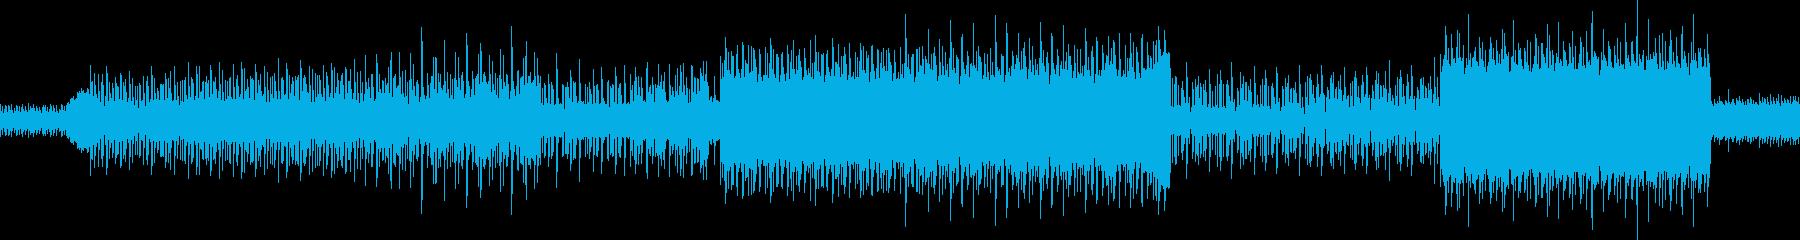 ハードに攻めるDubstepの再生済みの波形